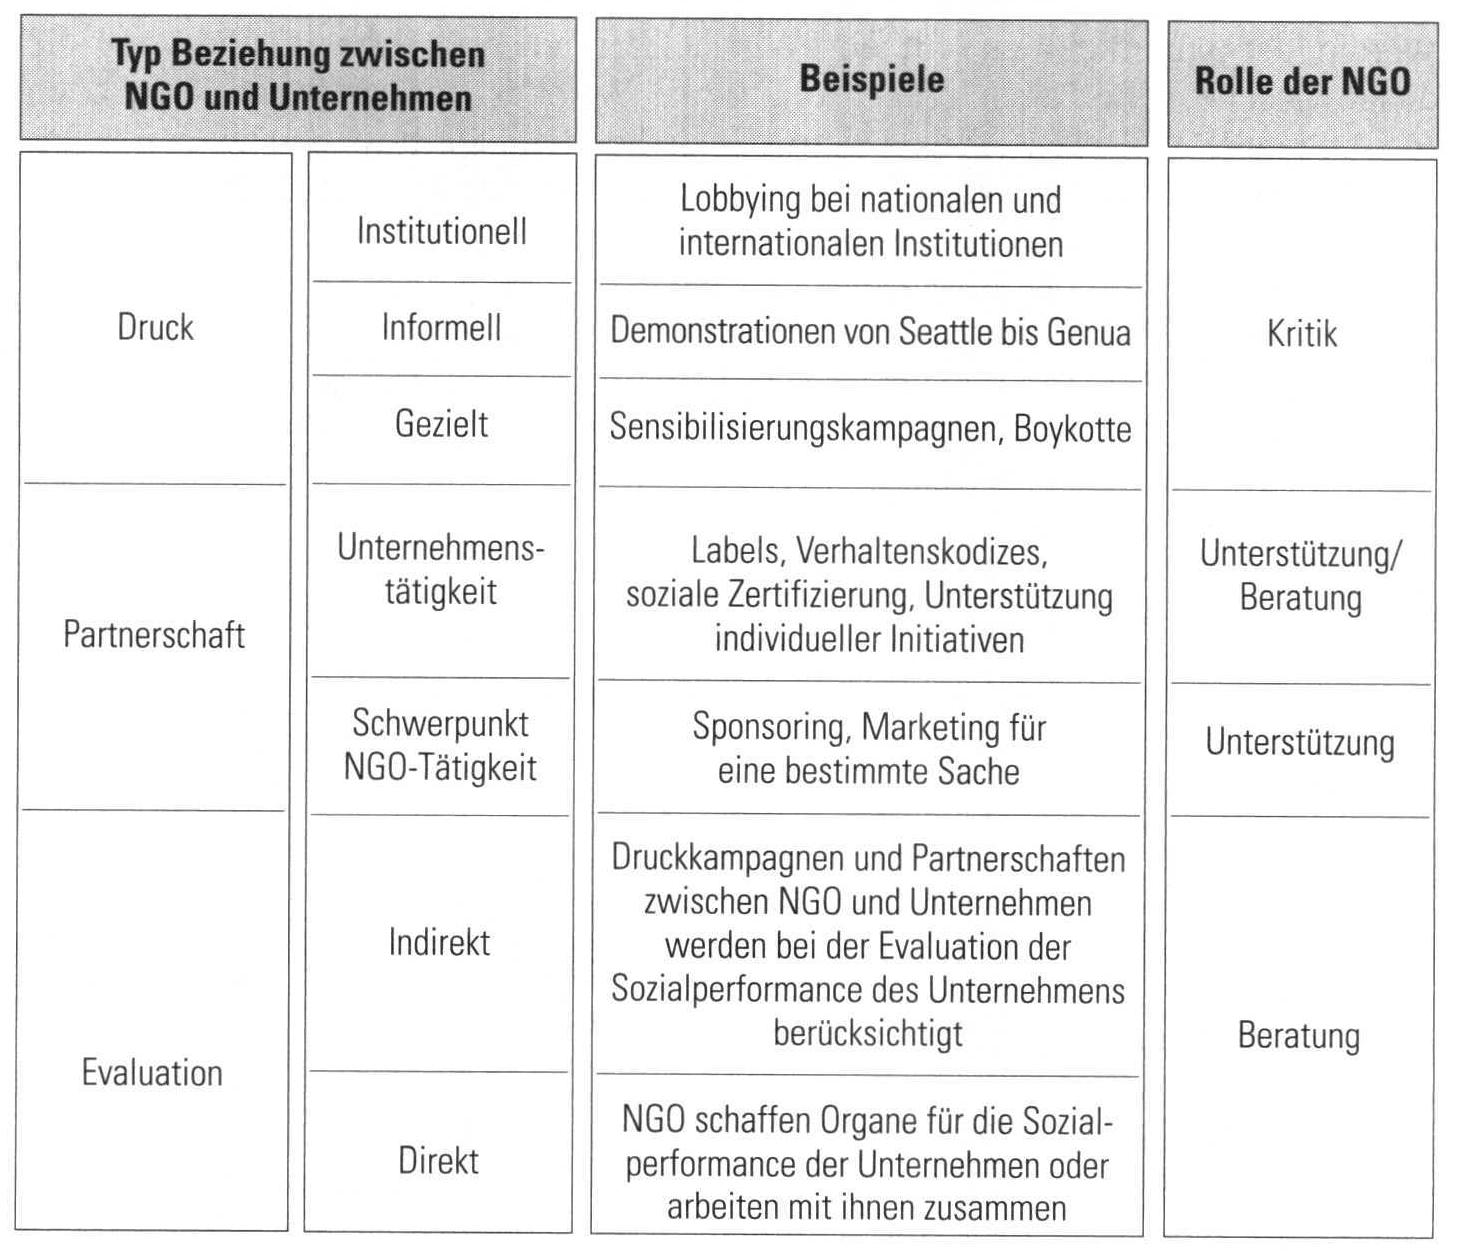 Macht der NGO über die Unternehmen : Druck, Partnerschaft, Evaluation